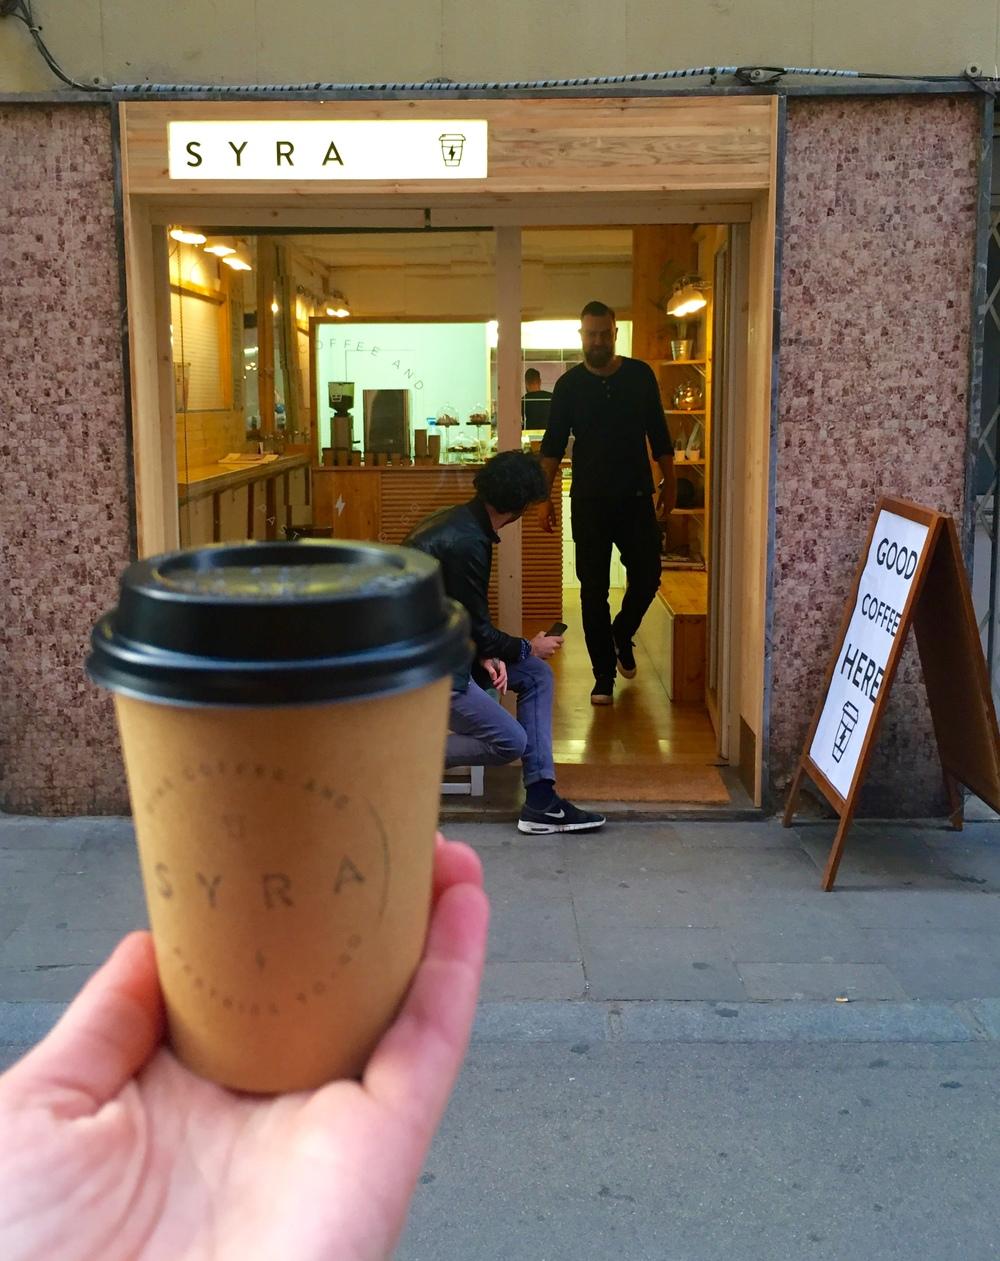 SYRA coffee in Gràcia